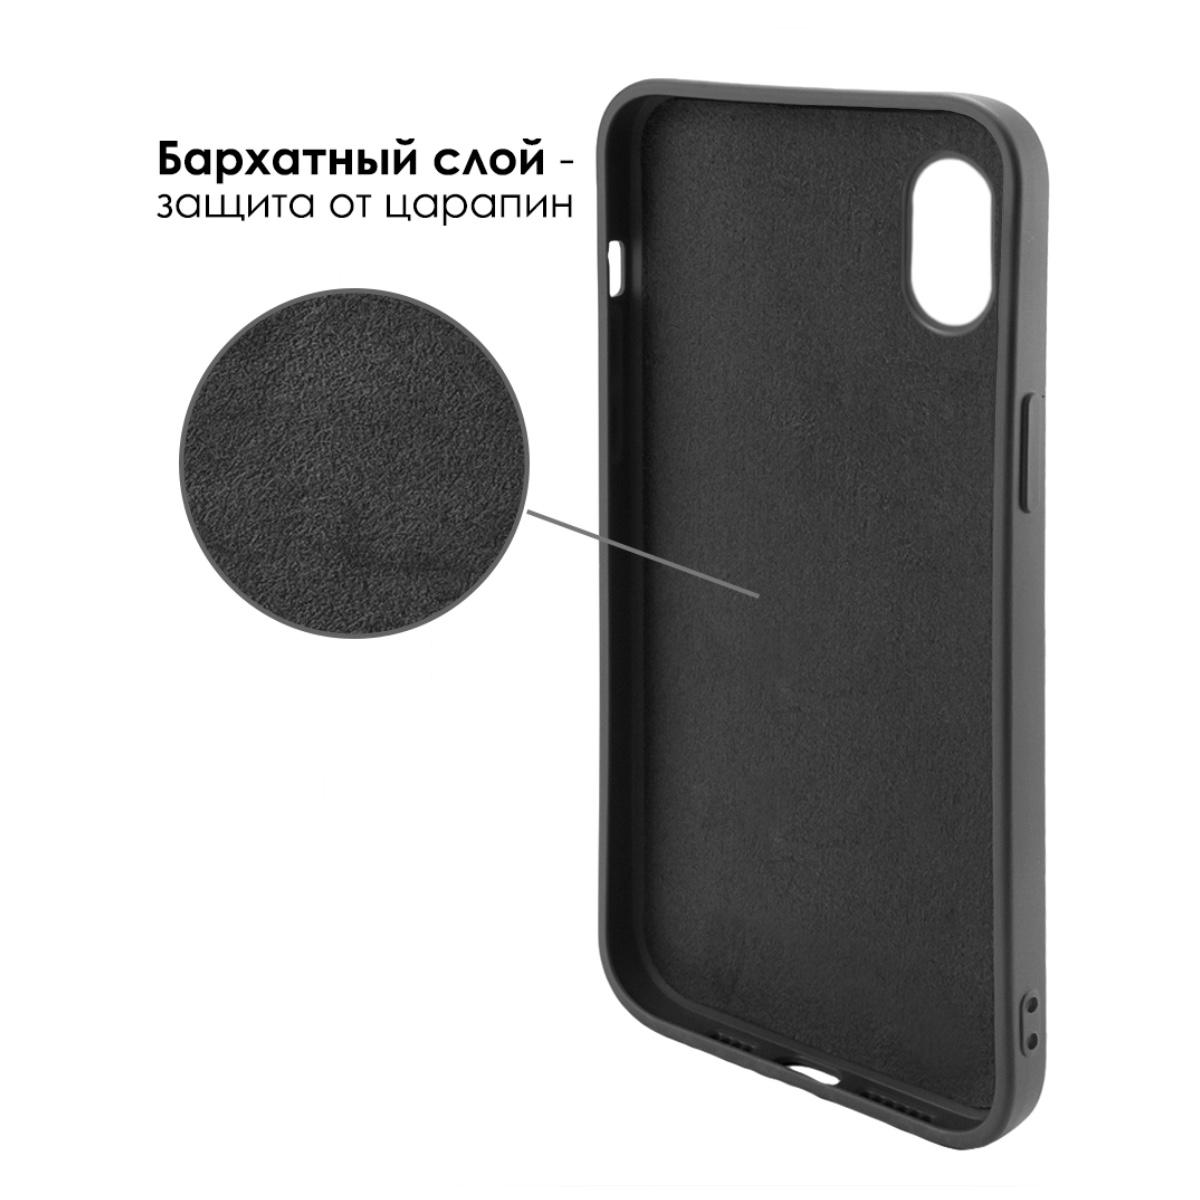 Черный силиконовый чехол для iPhone XR Monopoly Boxing Монополия Боксер для Айфон 10R